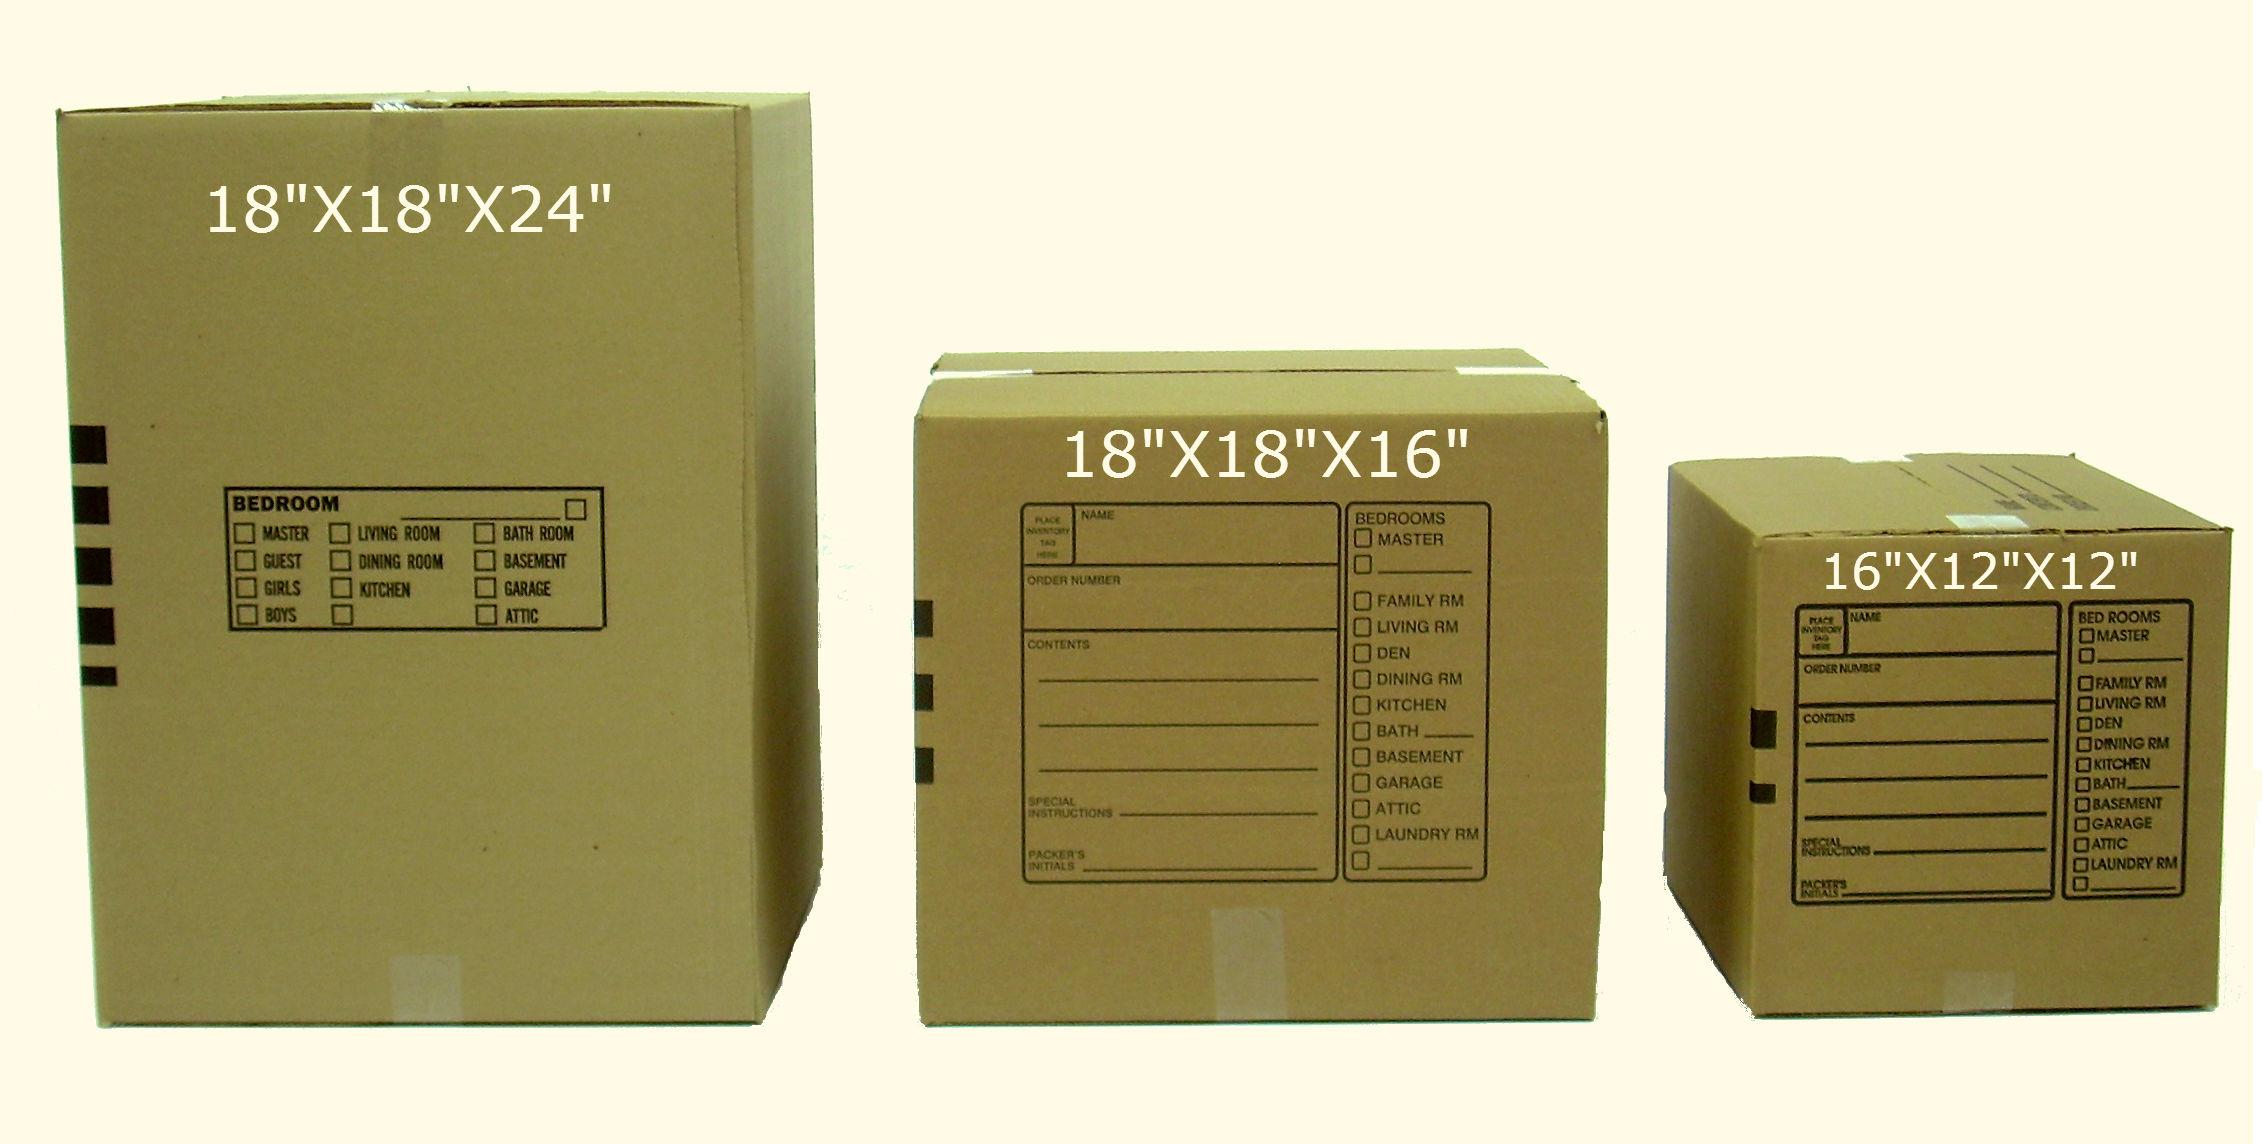 wardrobe boxes large haul net tag box moving retro jampacked u